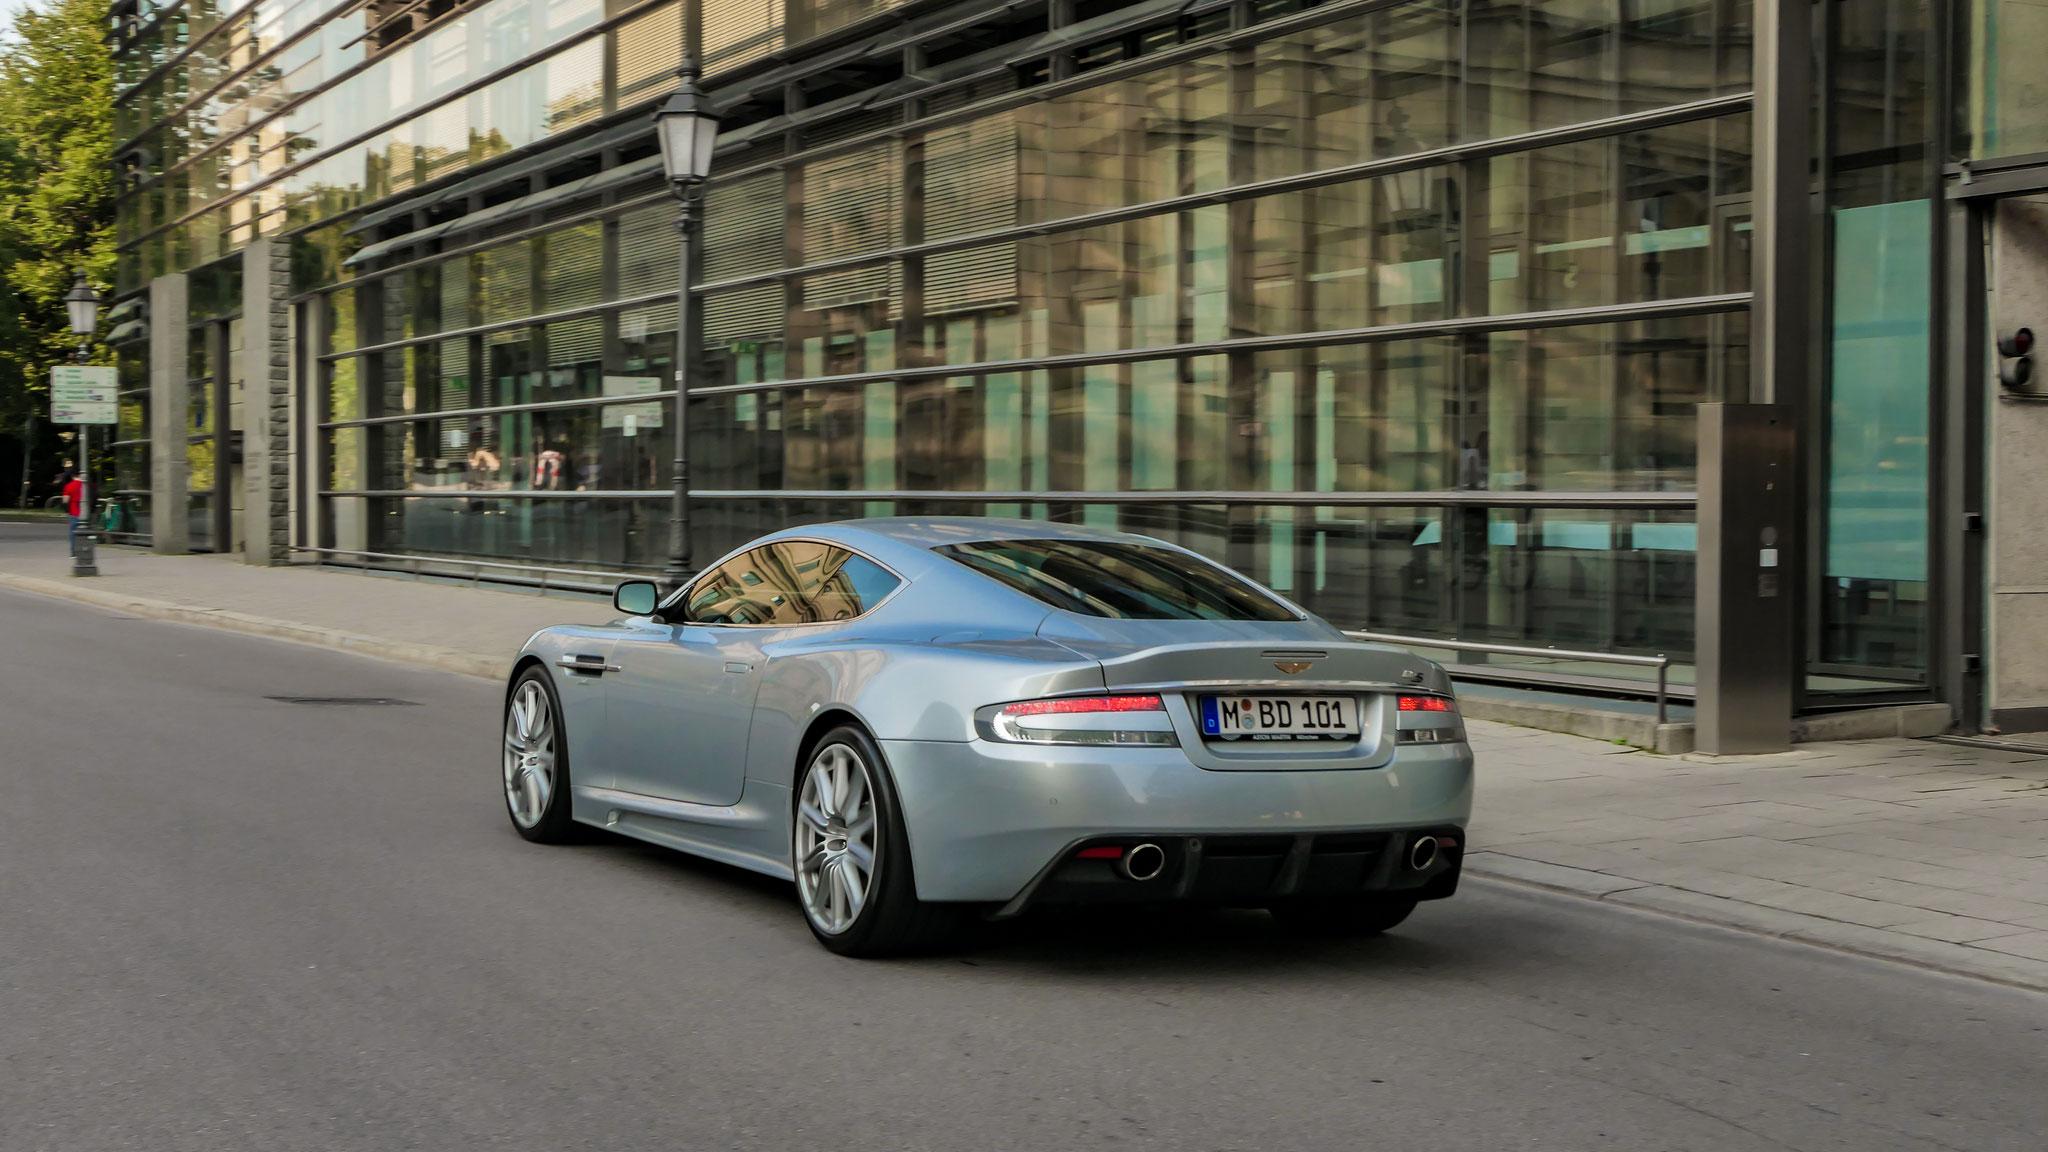 Aston Martin DBS - M-BD-101